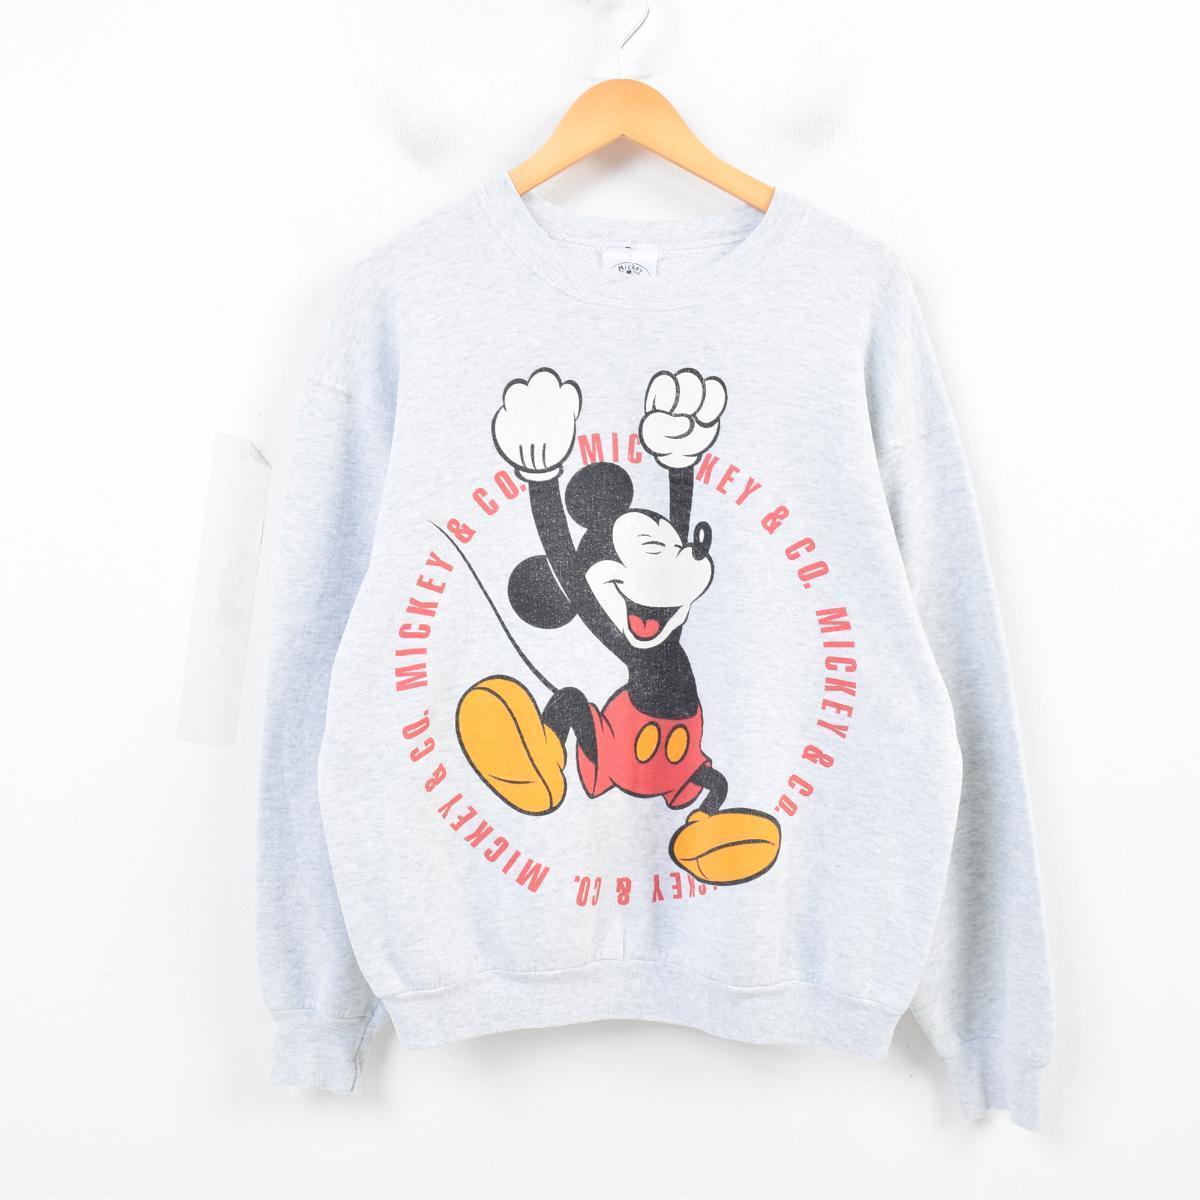 Mickey & Co. MICKEY MOUSE ミッキーマウス キャラクタースウェットシャツ トレーナー レディースXL /was3691 【中古】 【180720】